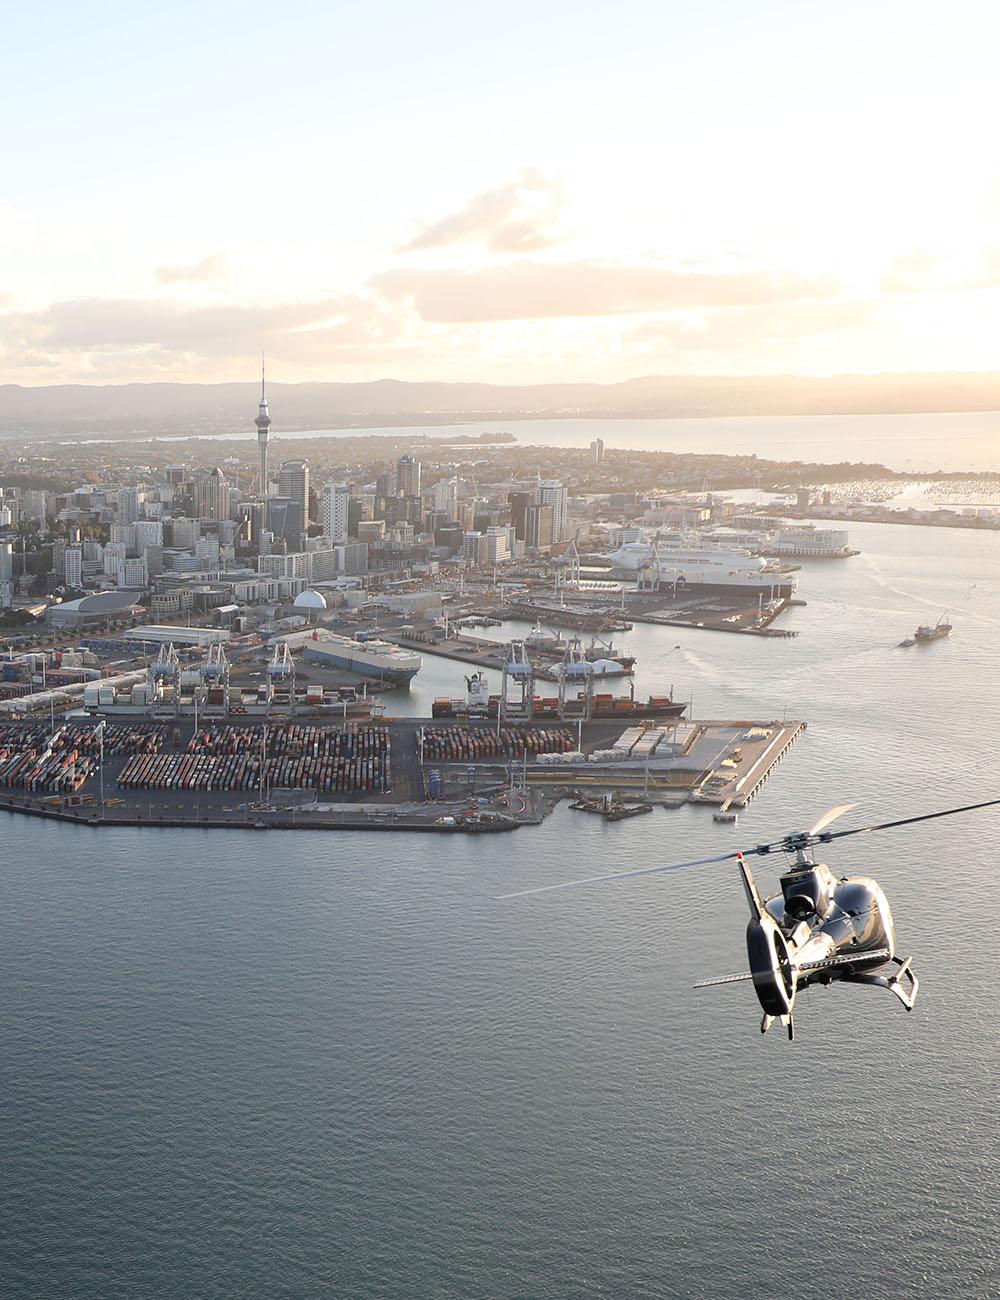 Heletranz Auckland City